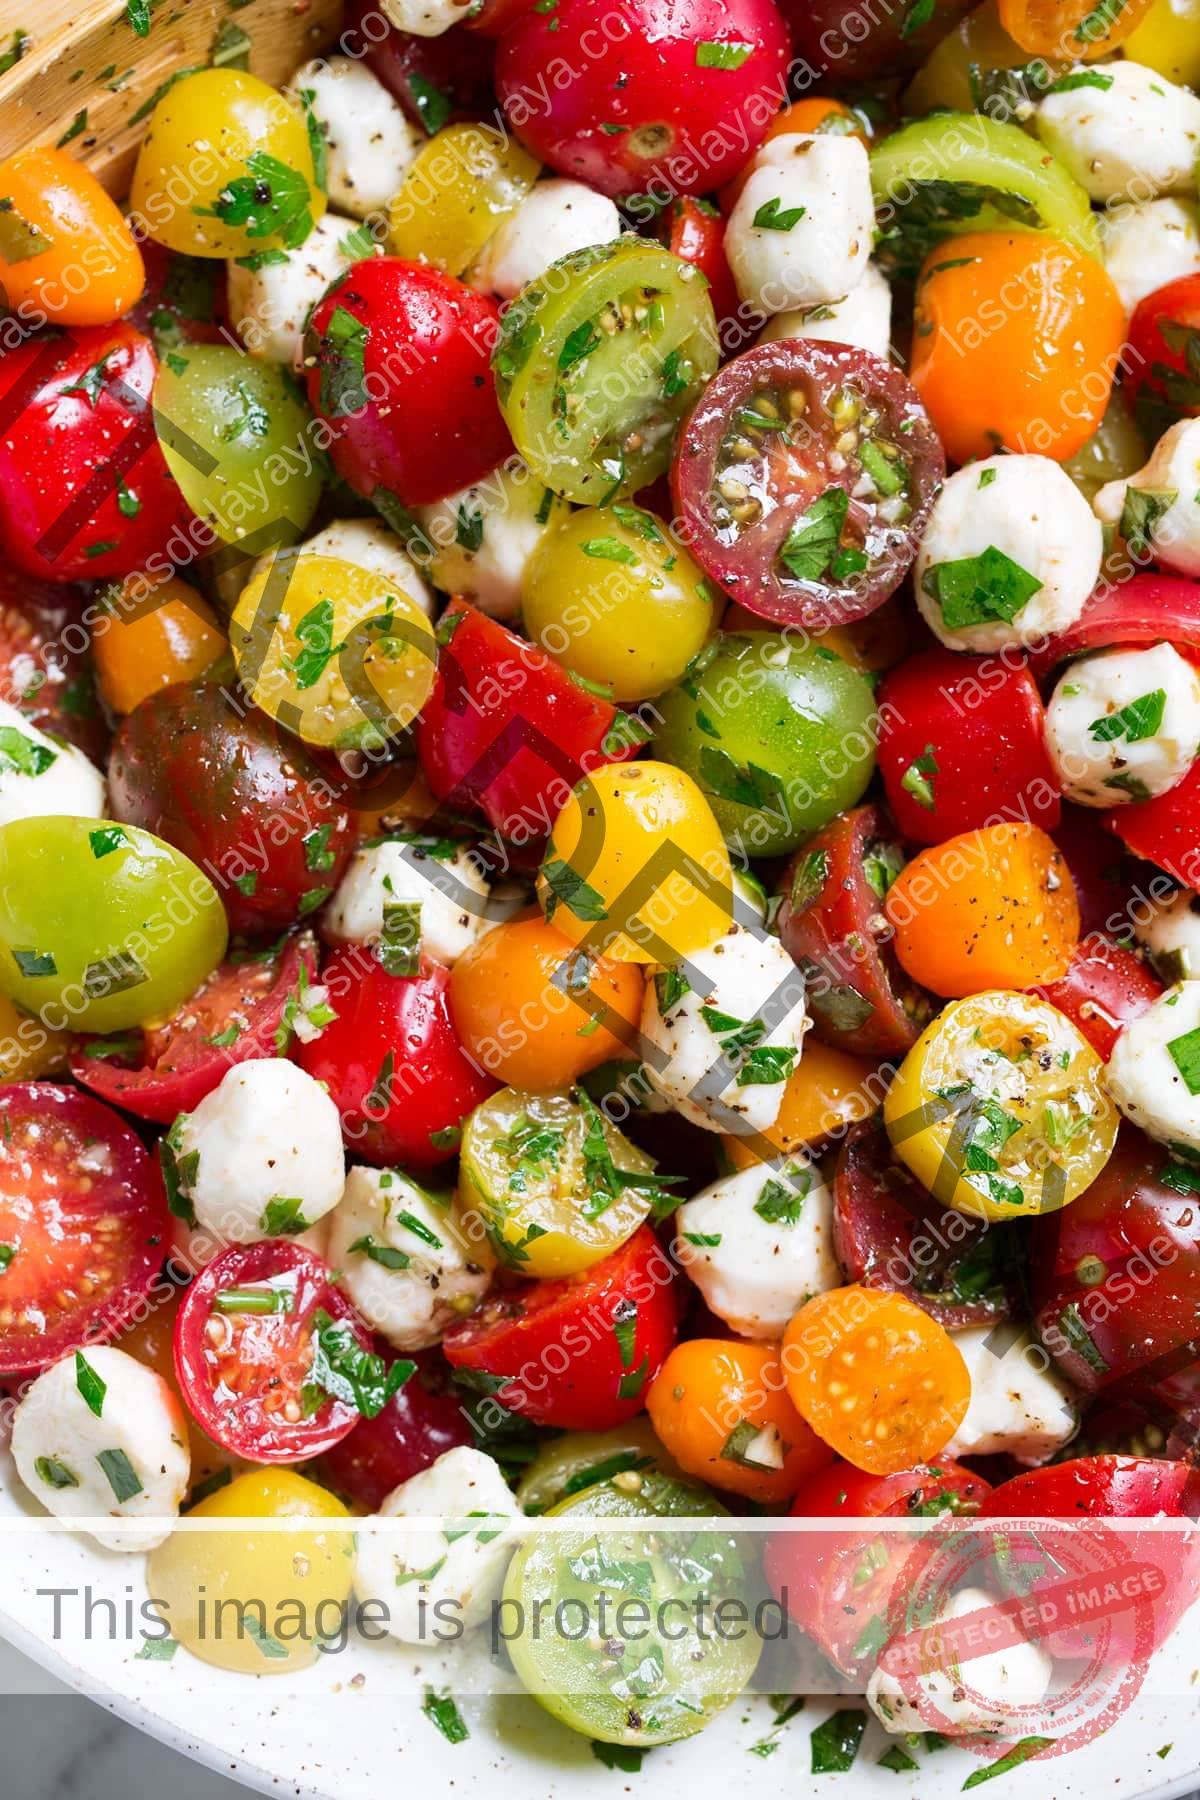 Cerrar imagen de ensalada de tomate en cuenco de cerámica.